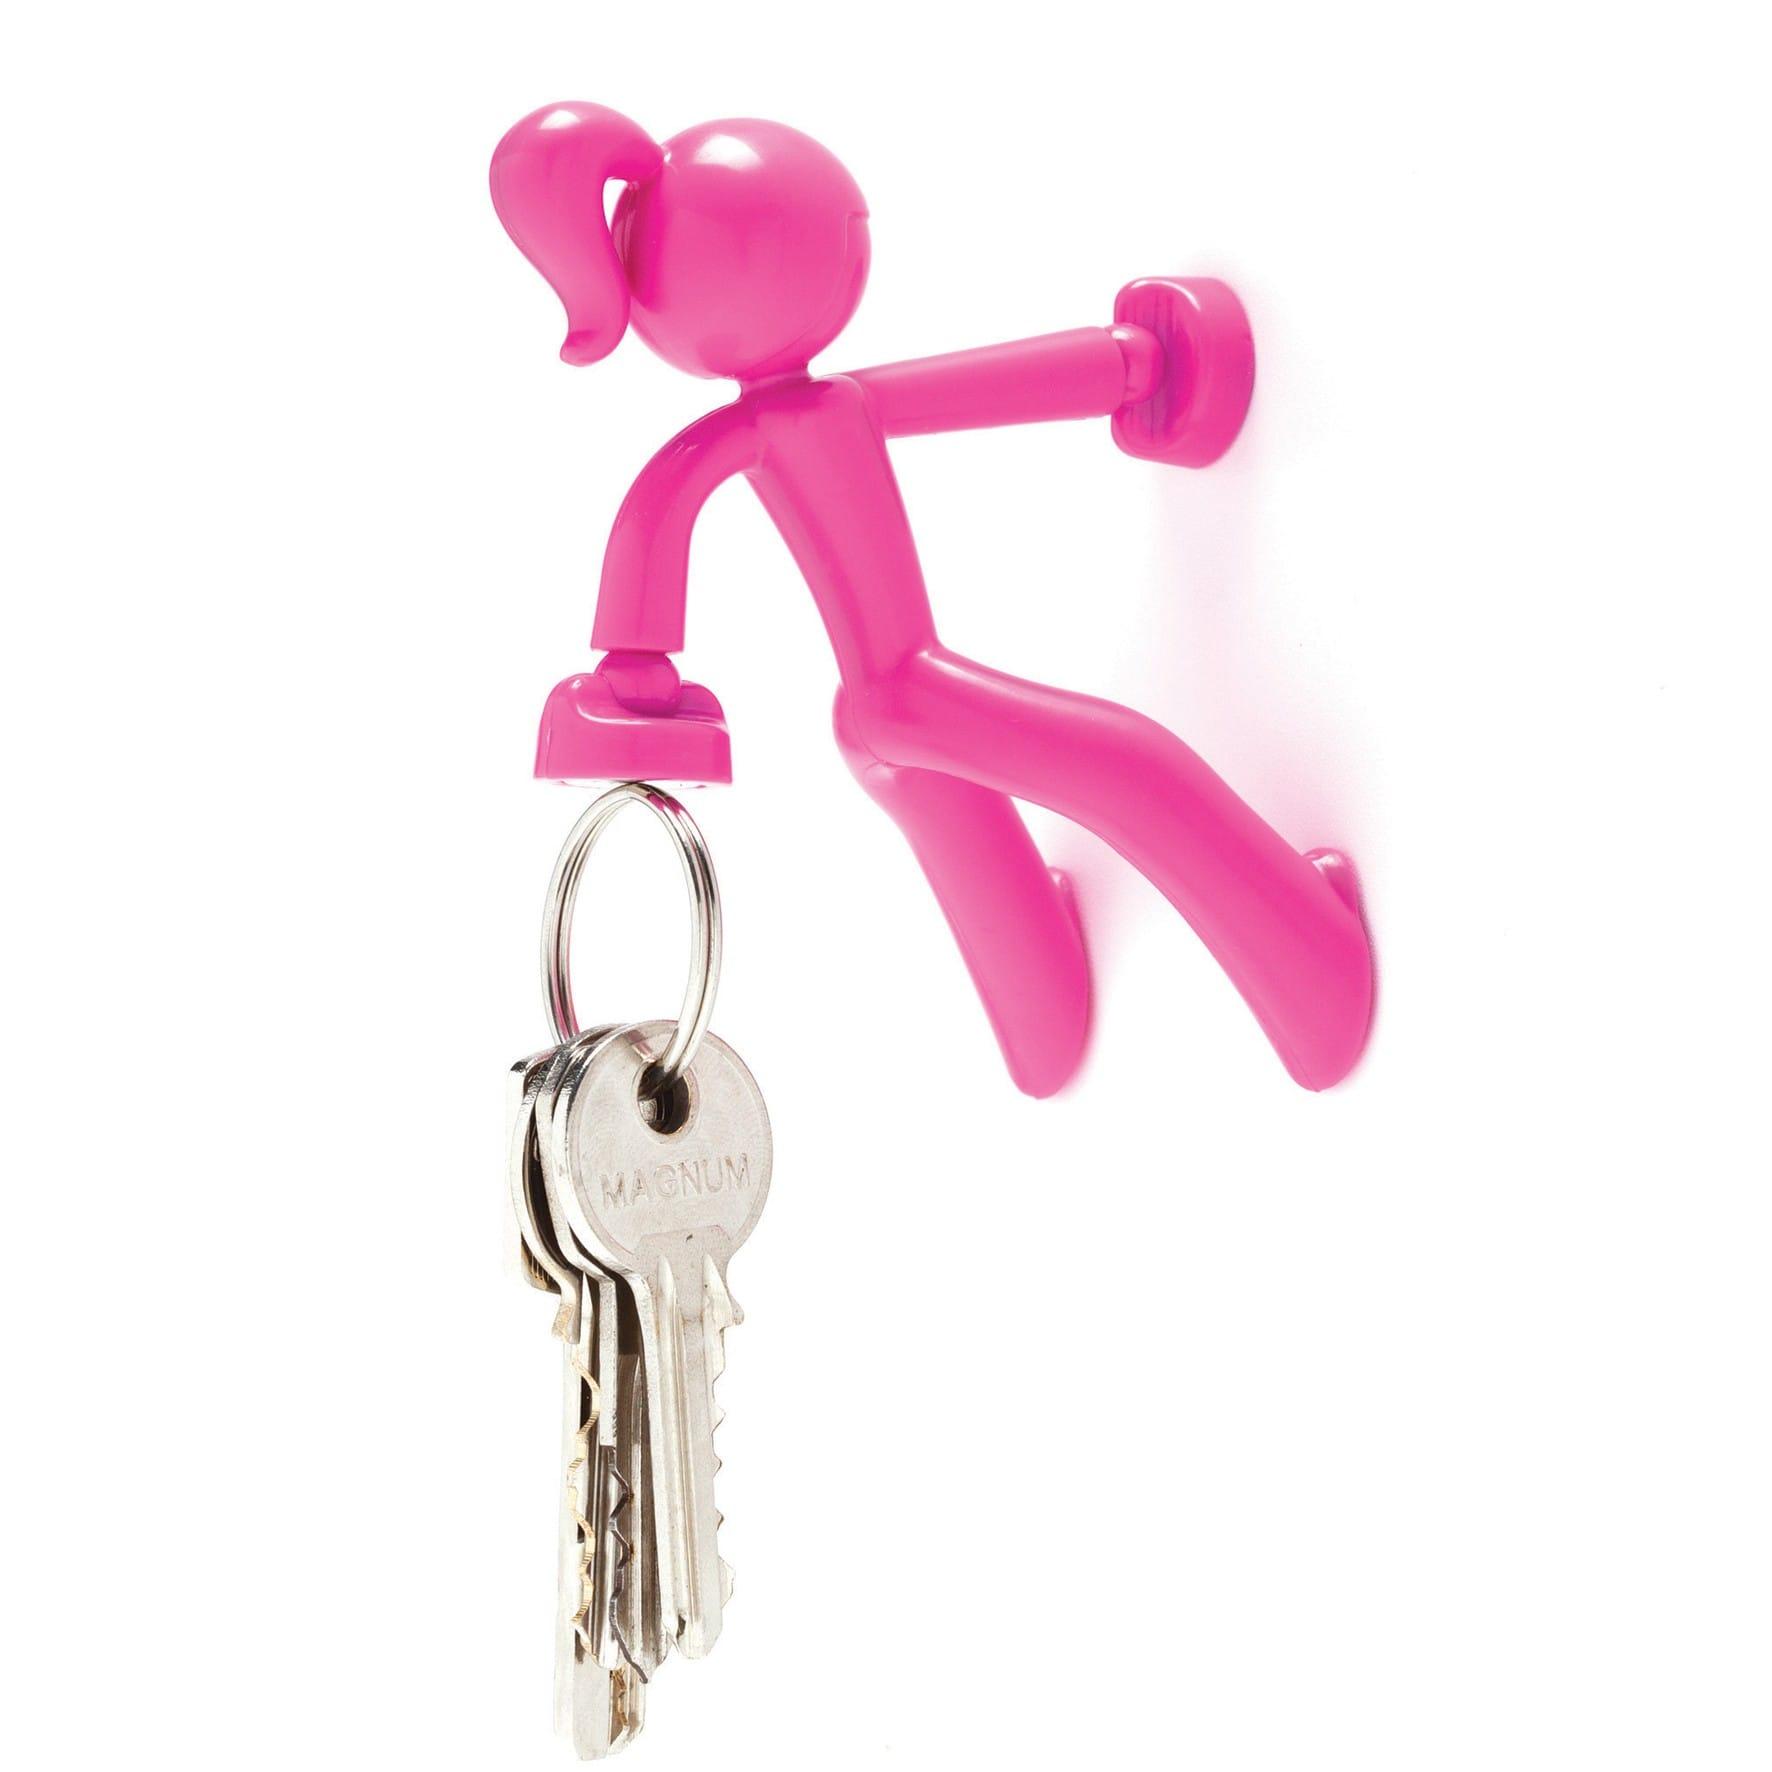 Key Petite Aimant Qui Porte Vos Clefs (Jusqu'à 20 Clefs) à Porte Clef Pour Ne Pas Perdre Ses Clefs